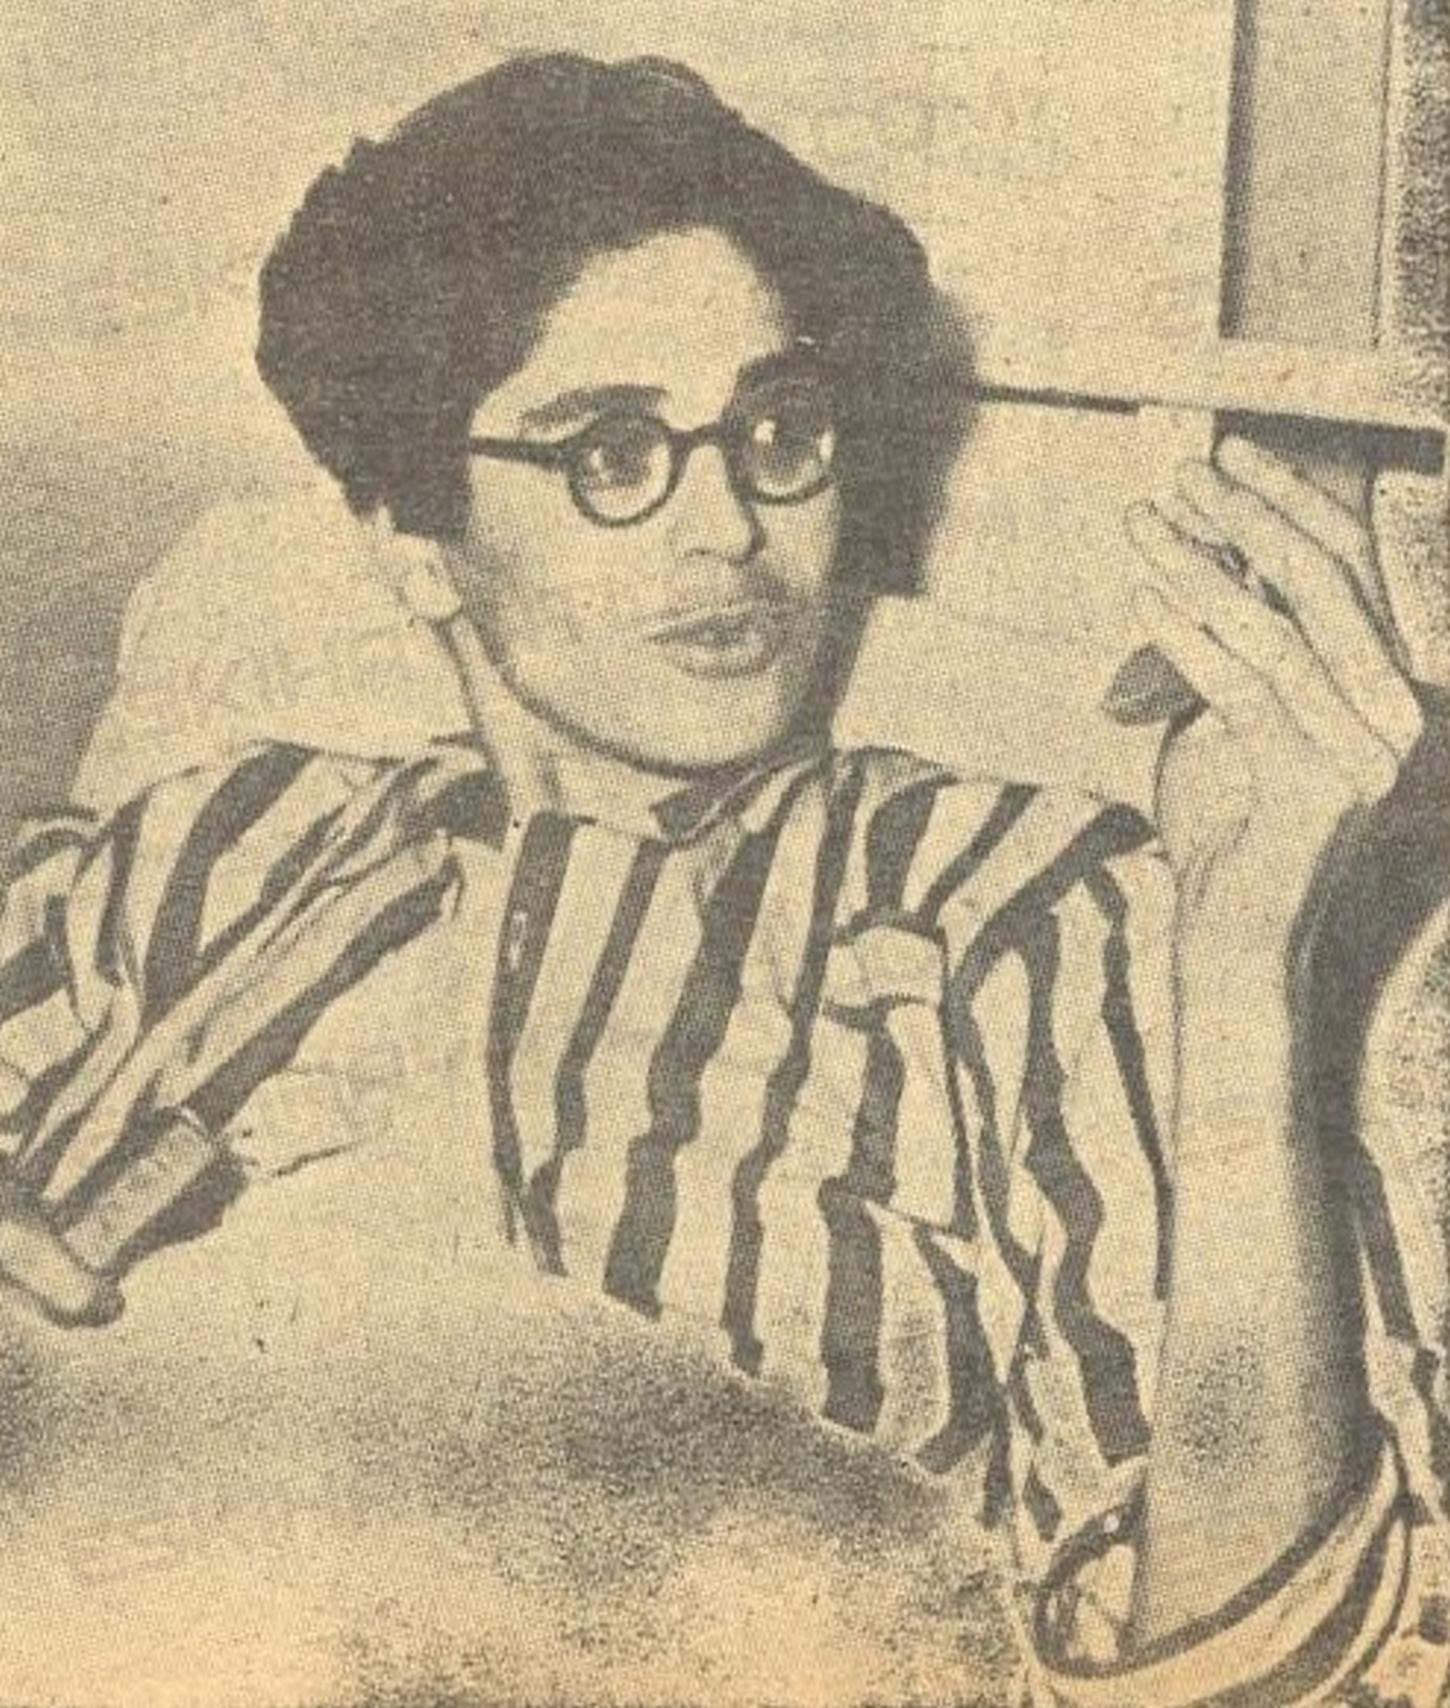 turkiye-nin-ilk-cift-cinsiyetli-insani-hafta-dergisi-1954-arsivi (4)